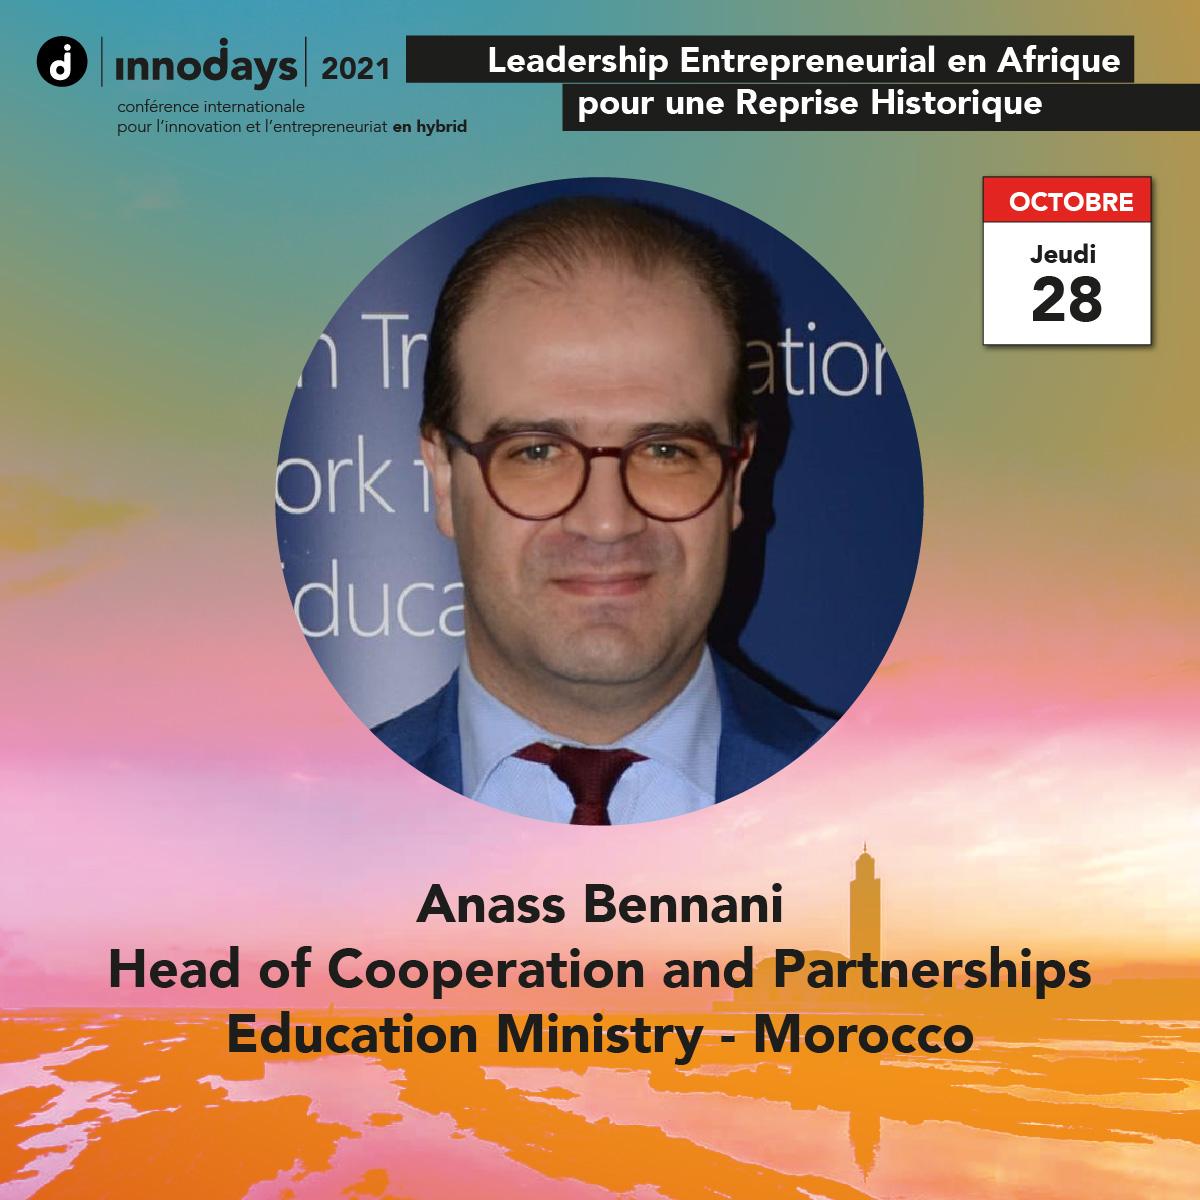 Anass Bennani - Directeur de la Coopération et des Partenariats - Ministère de l'Enseignement Supérieur - Maroc